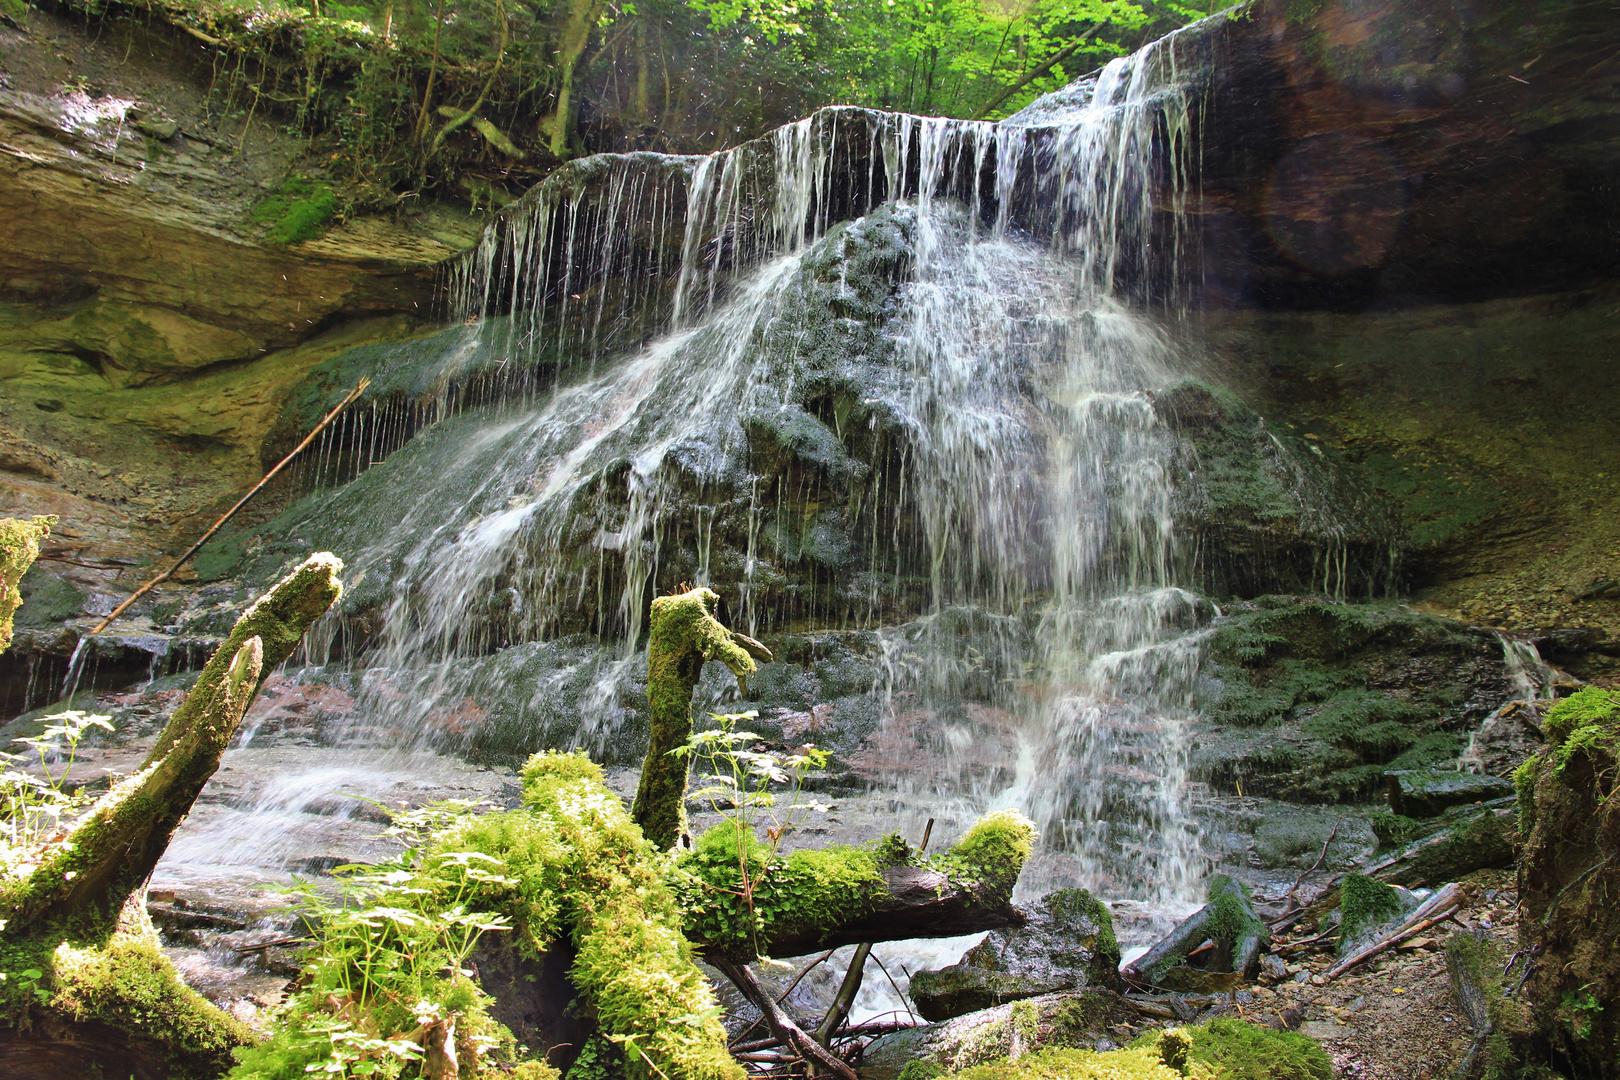 Hinterer Wasserfall bei Murrhardt